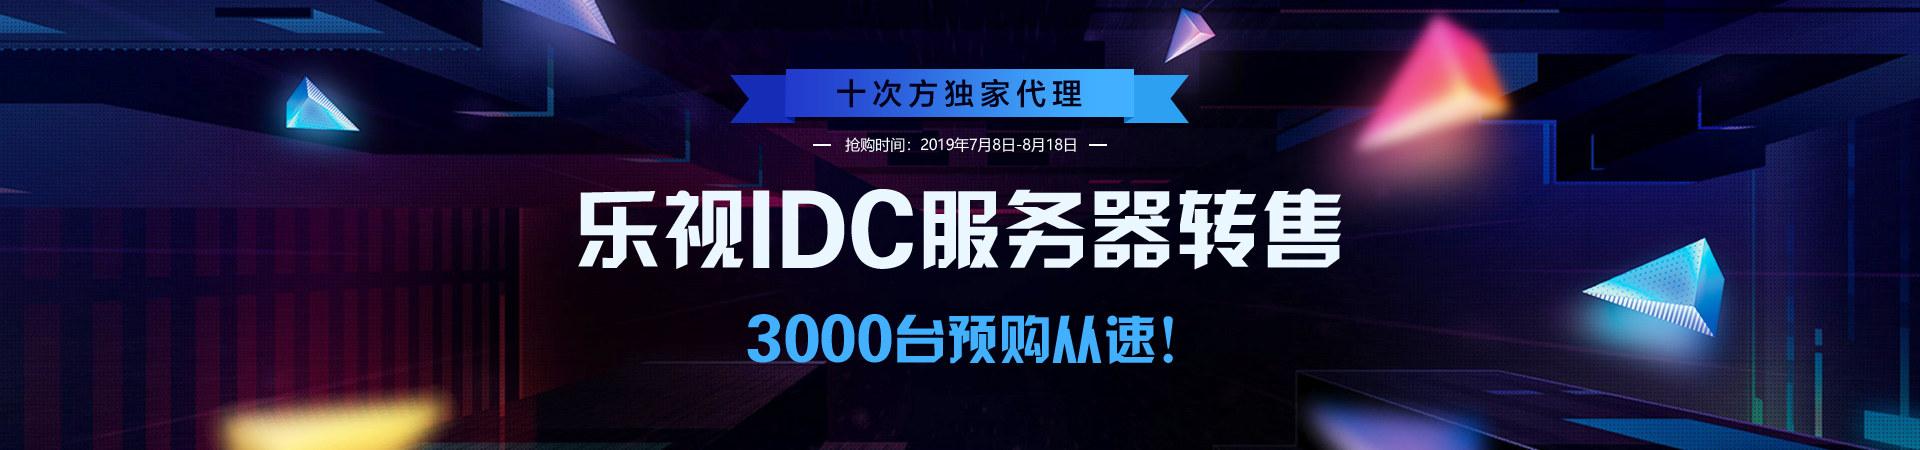 乐视IDC服务器独家售卖活动